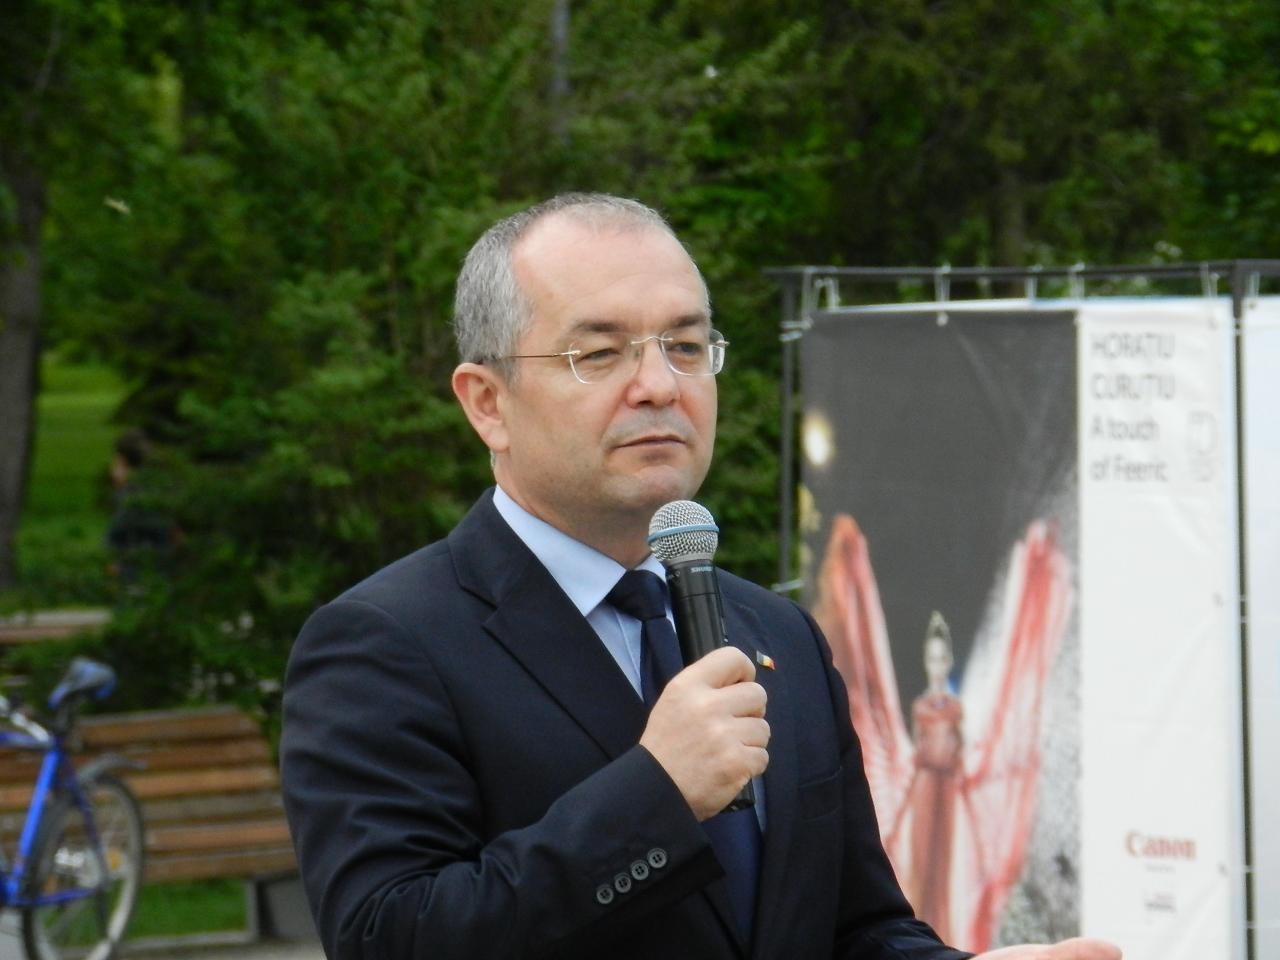 """Prima declaratie publica a primarului Emil Boc dupa castigarea celui de-al patrulea mandat. """"Le multumesc clujenilor pentru onoarea pe care mi-au acordat-o"""""""